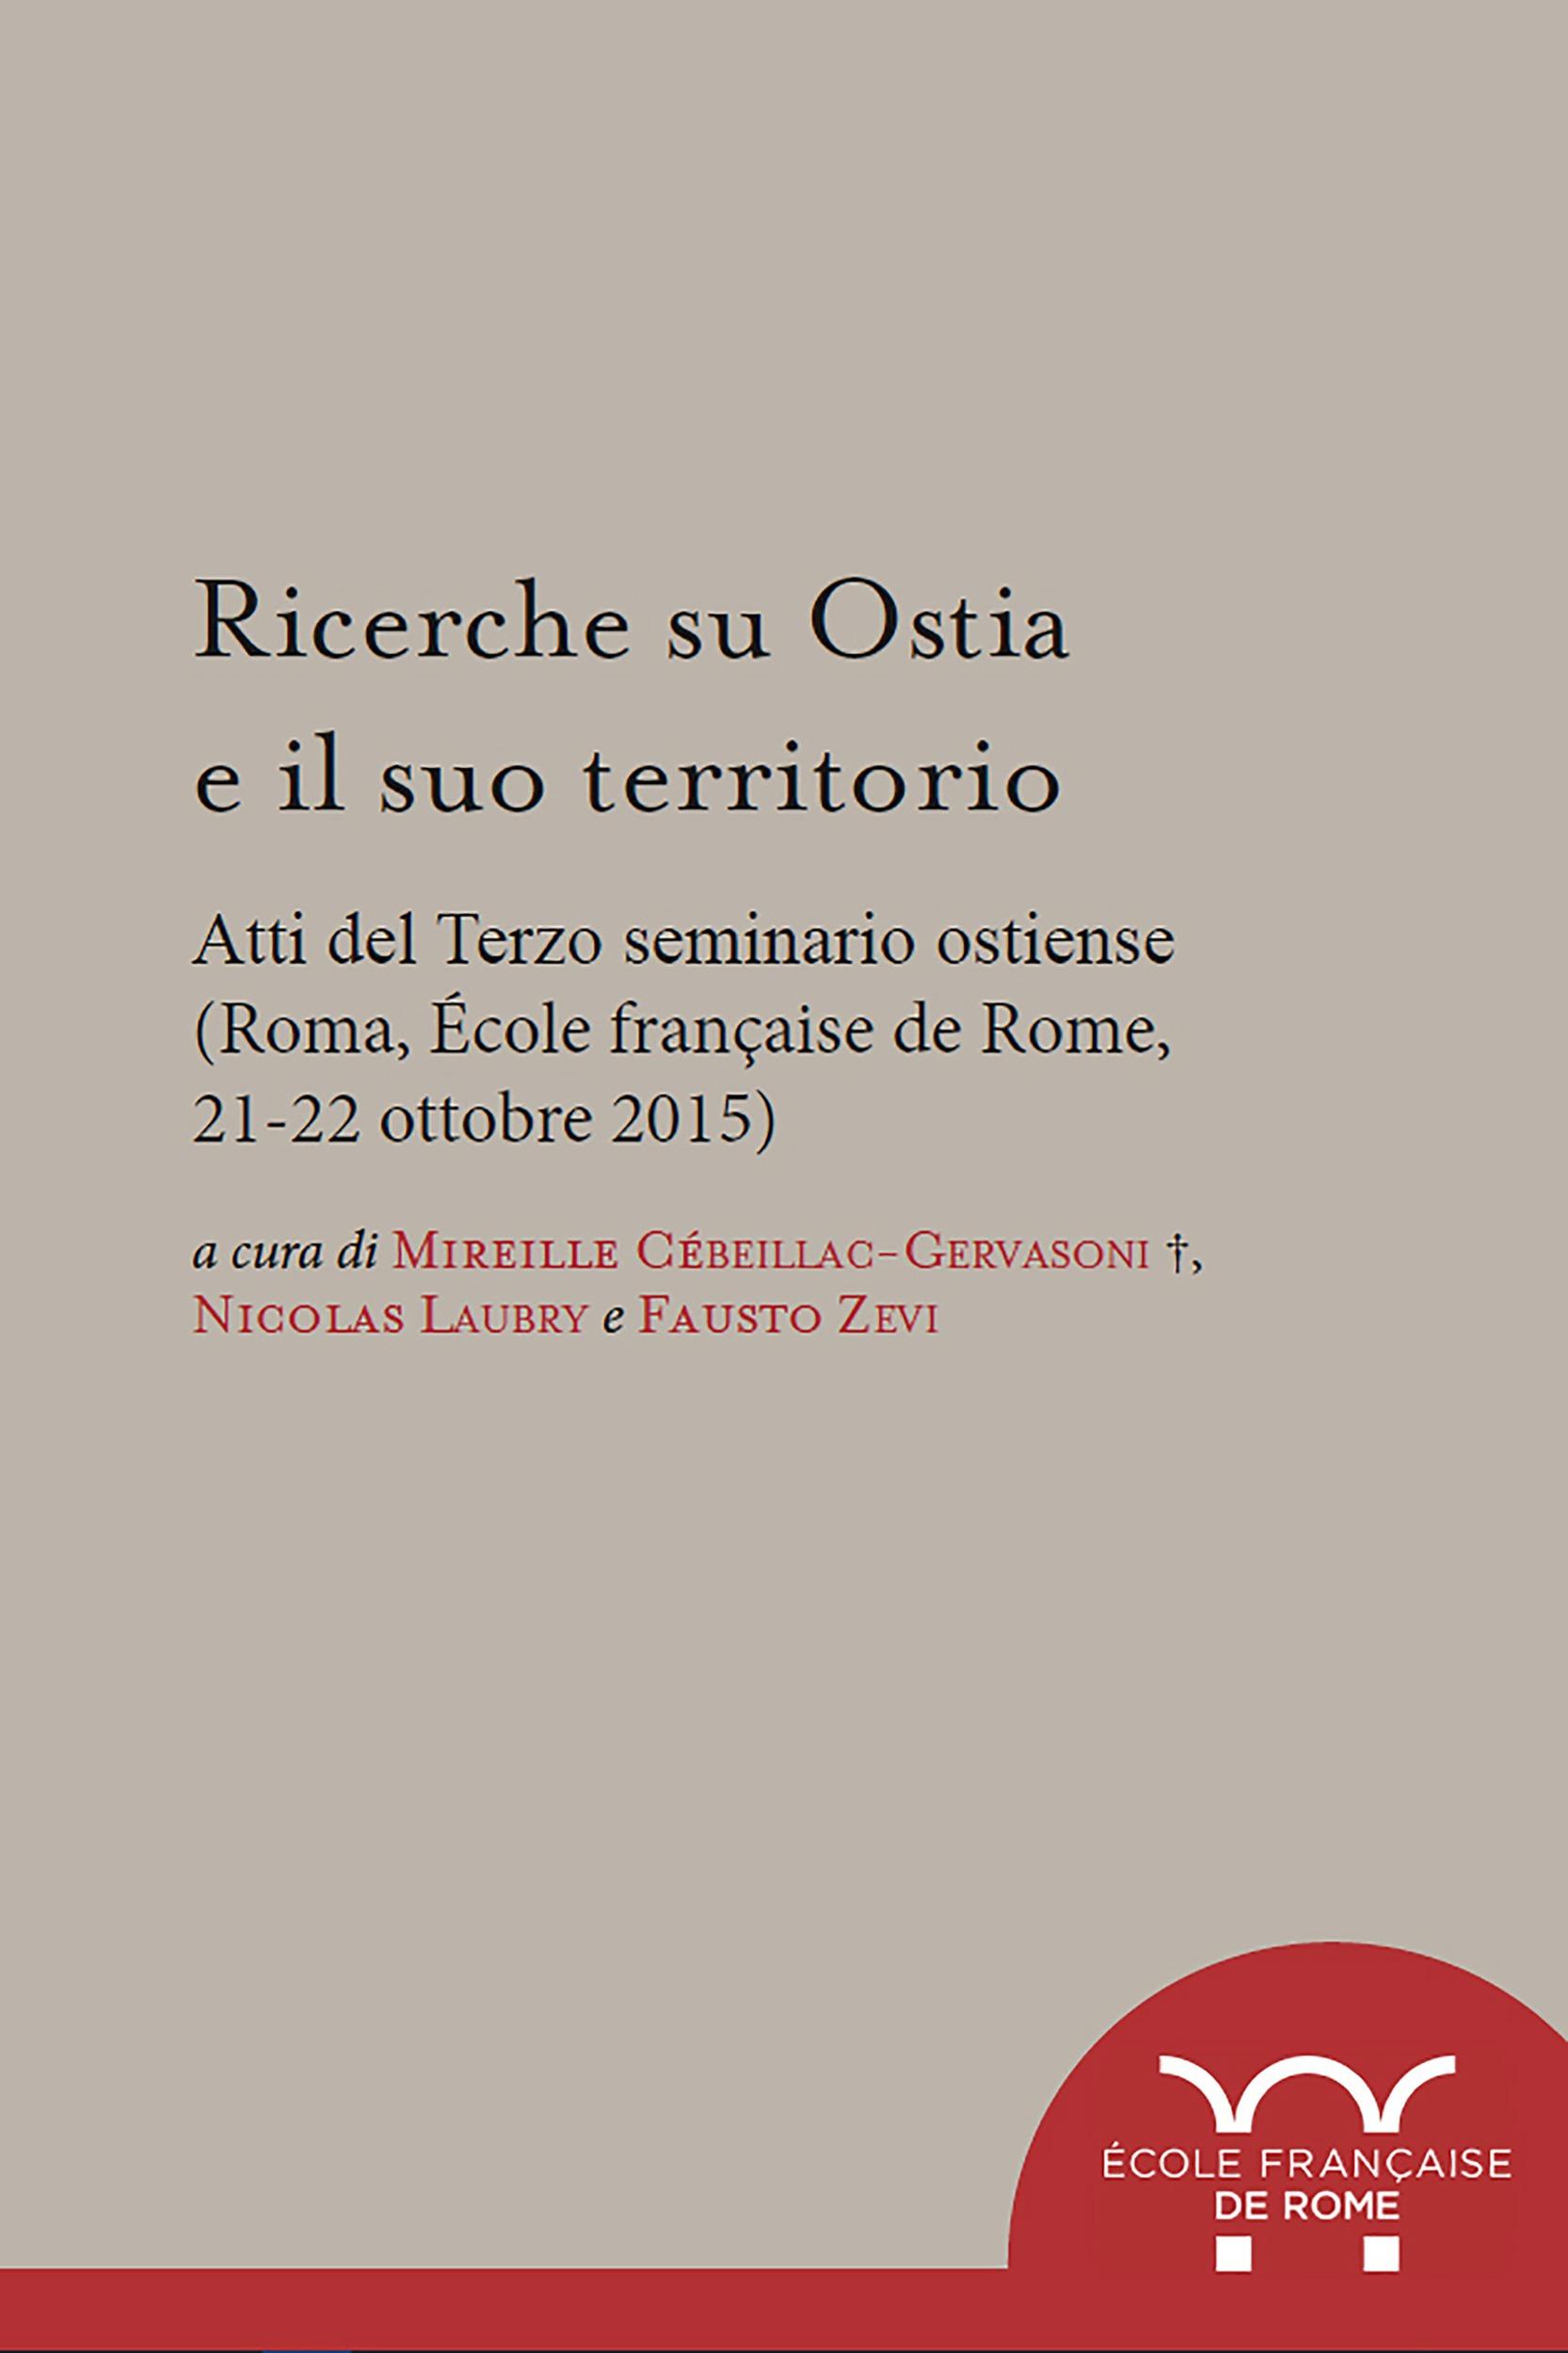 Ricerche su ostia e il suo territorio - atti del terzo seminario ostiense (roma, ecole francaise de